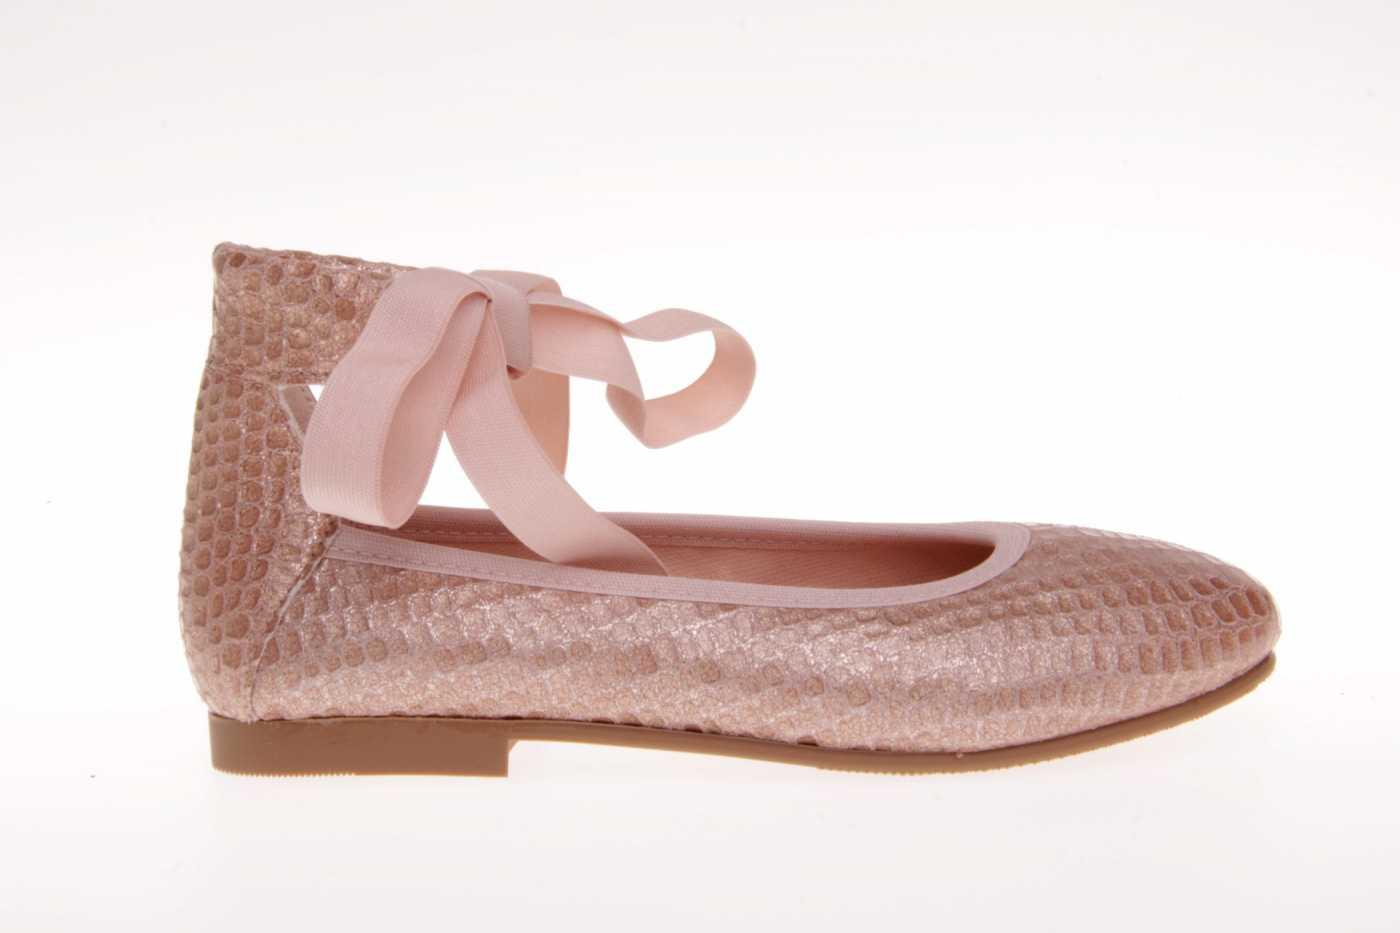 2379d2b8 Comprar zapato tipo JOVEN NIÑA estilo MERCEDES COLOR ROSA METALIZADO ...